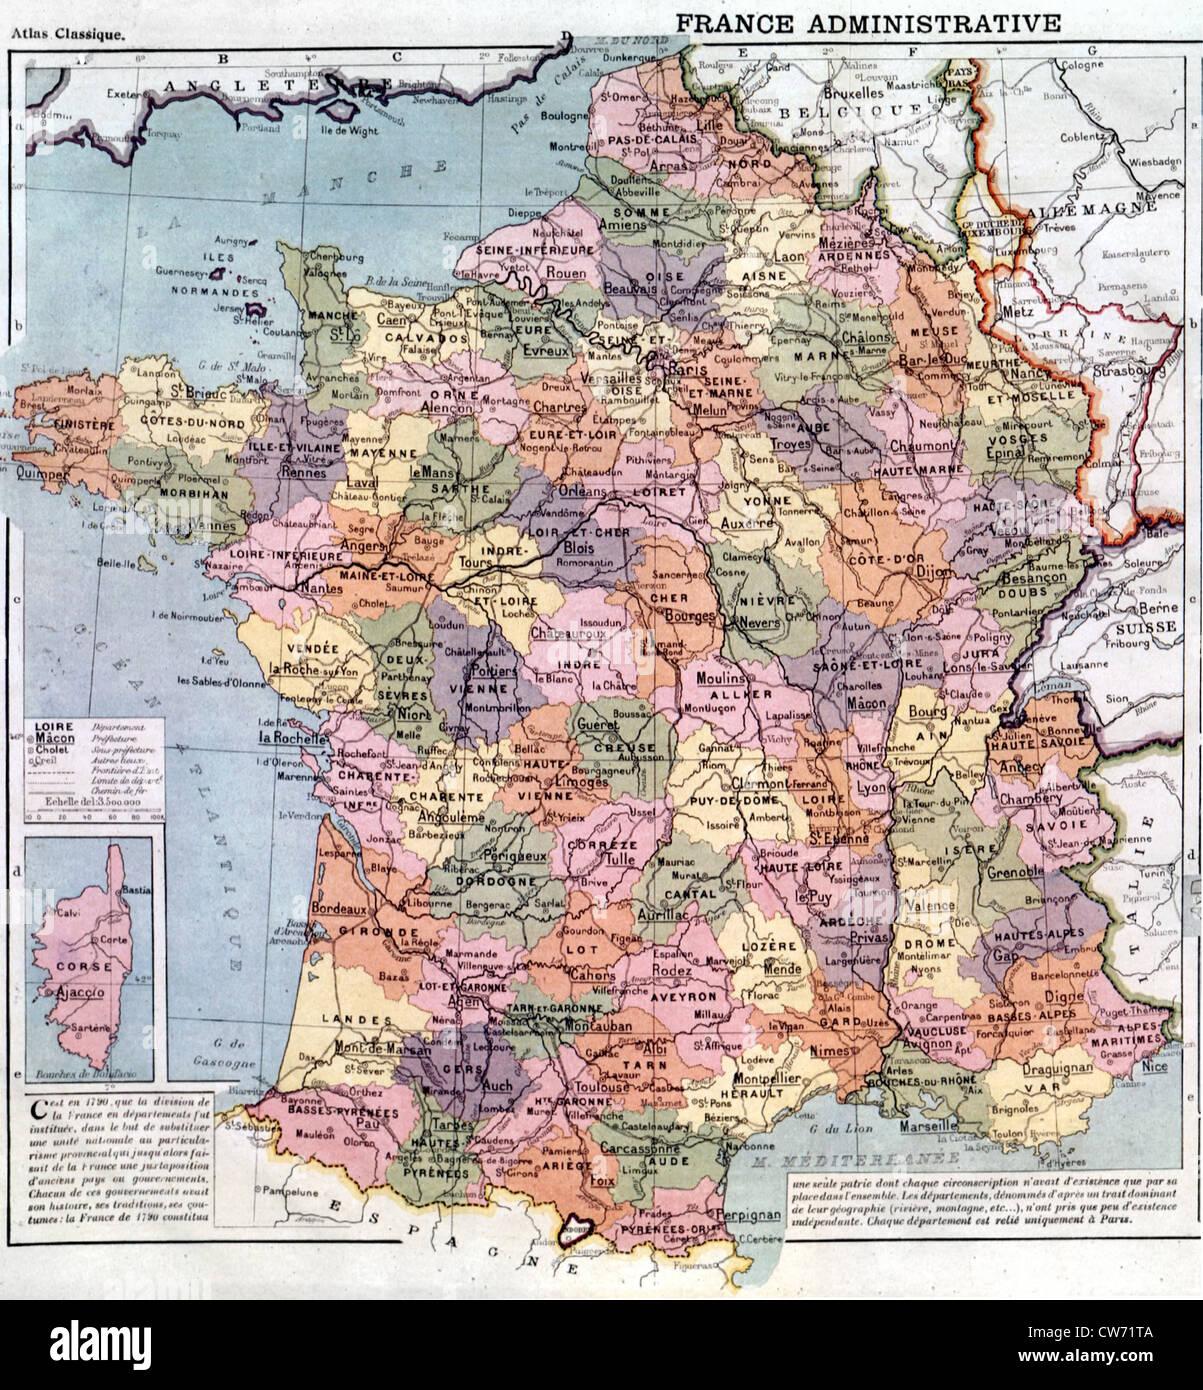 Frankreich Departements Karte.Karte Von Frankreich Des Départements Amputée De L Alsace Et De La